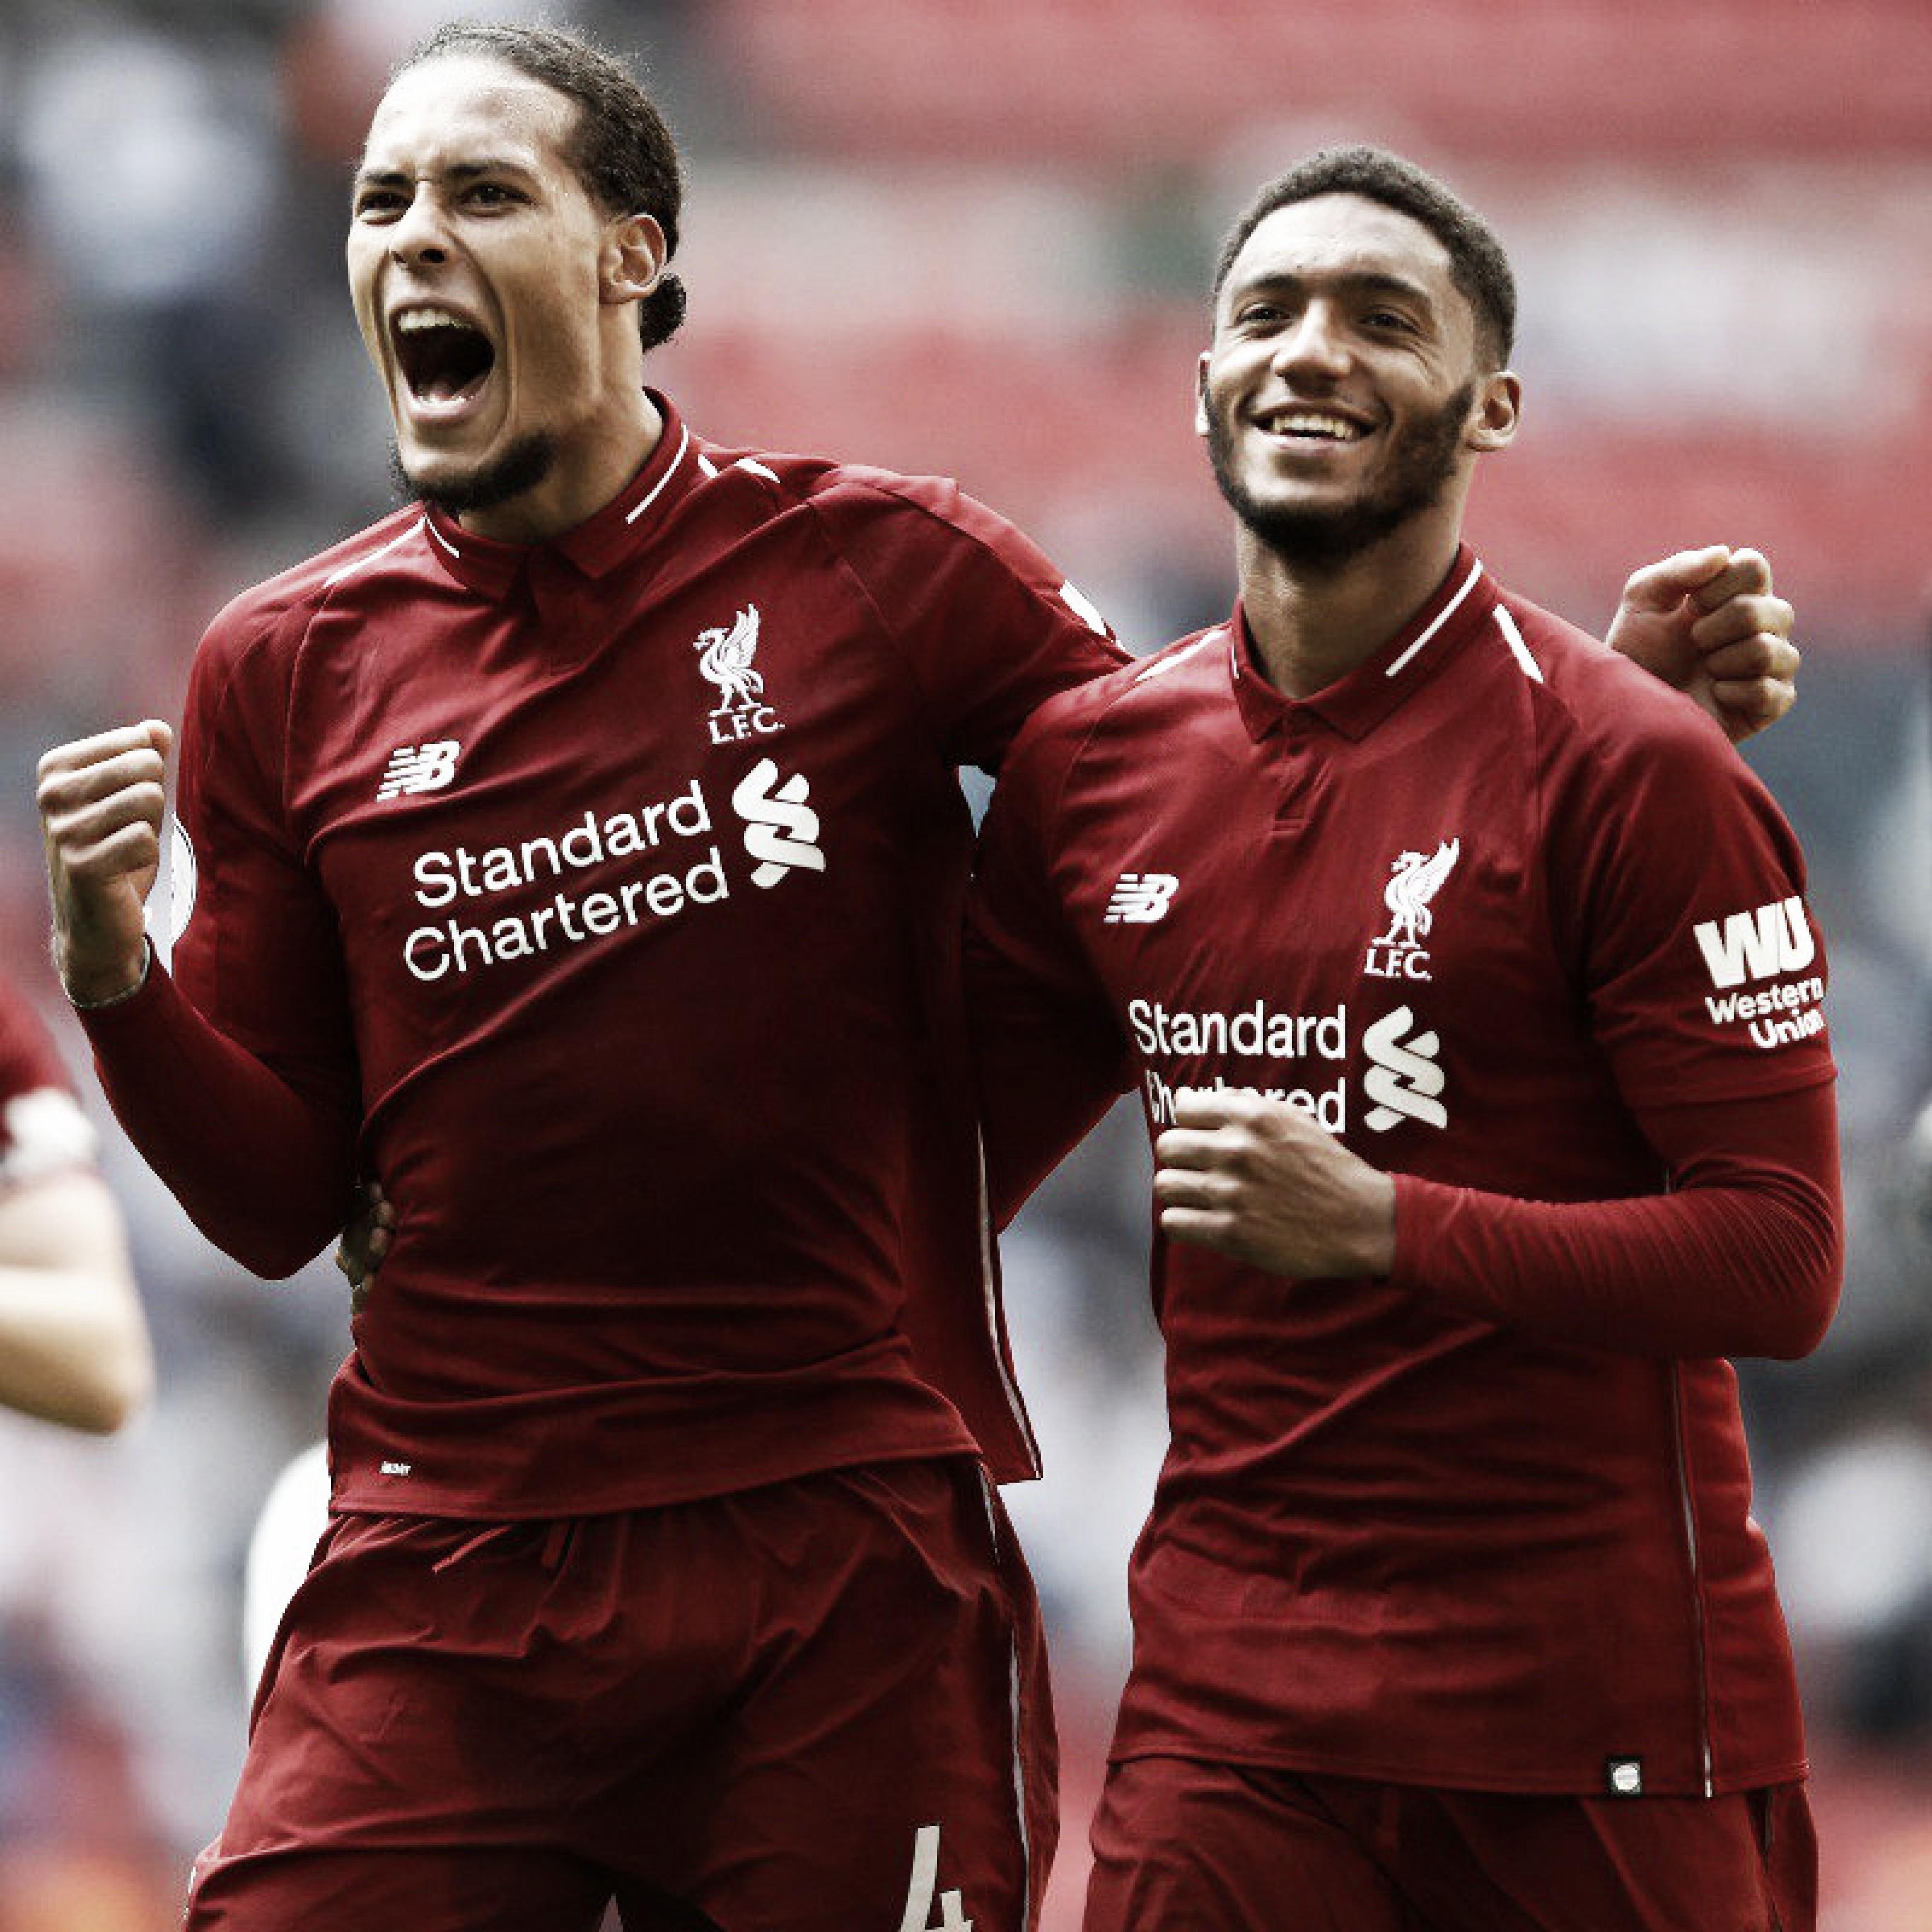 Dupla de zaga funciona, Liverpool vence em Wembley e se mantém na liderança da Premier League